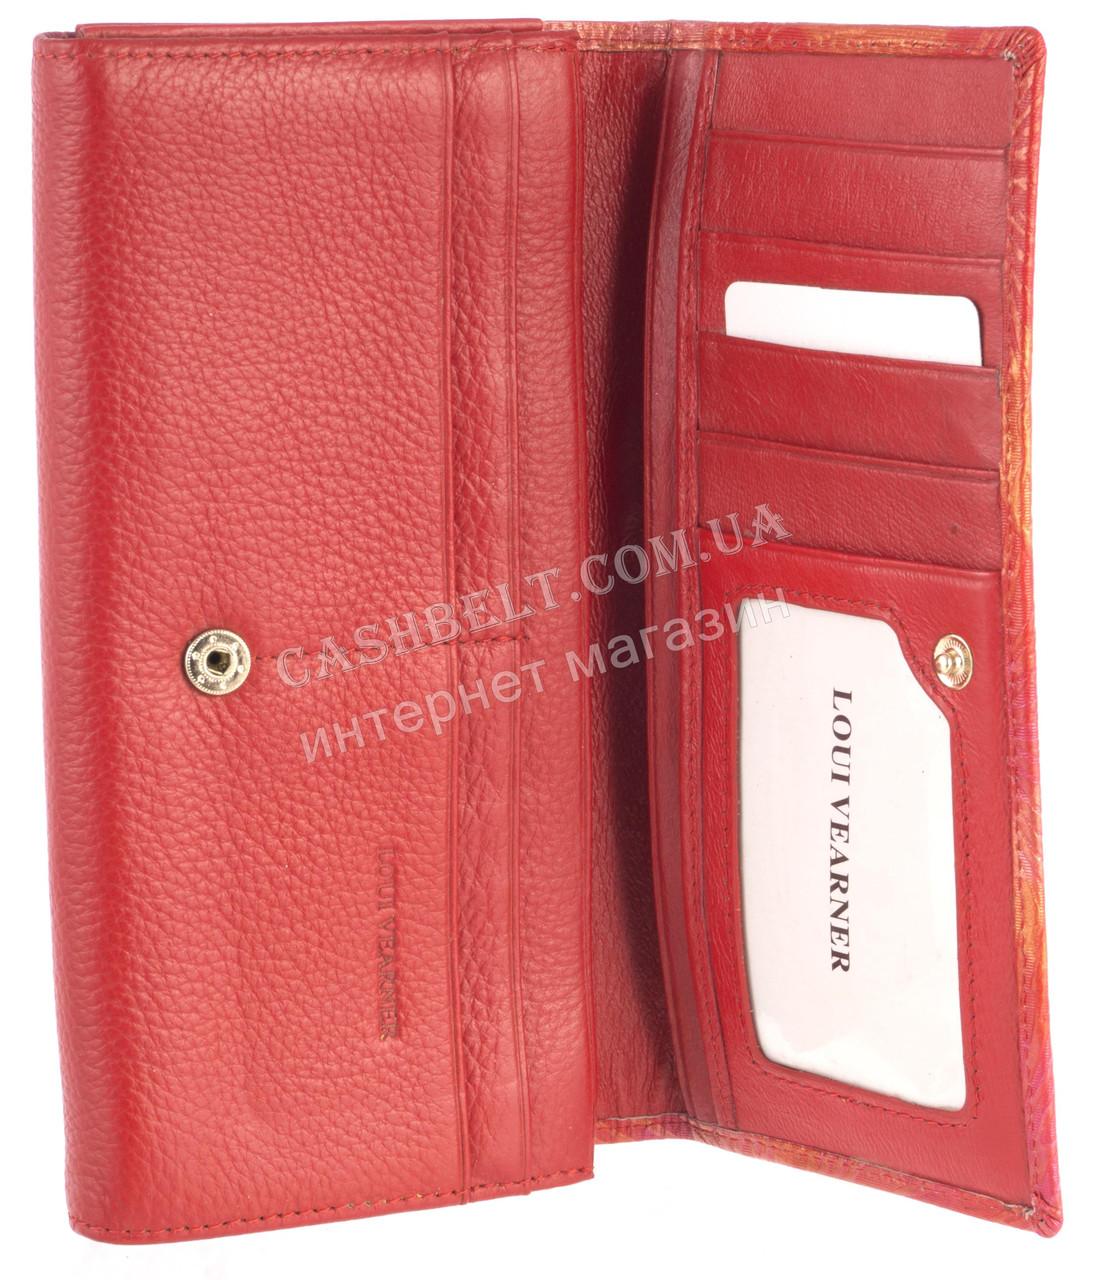 c30d2cb1e0d1 ... фото Красивый женский кожаный кошелек высокого качества LOUI VERNER  art.039-02B красный, ...